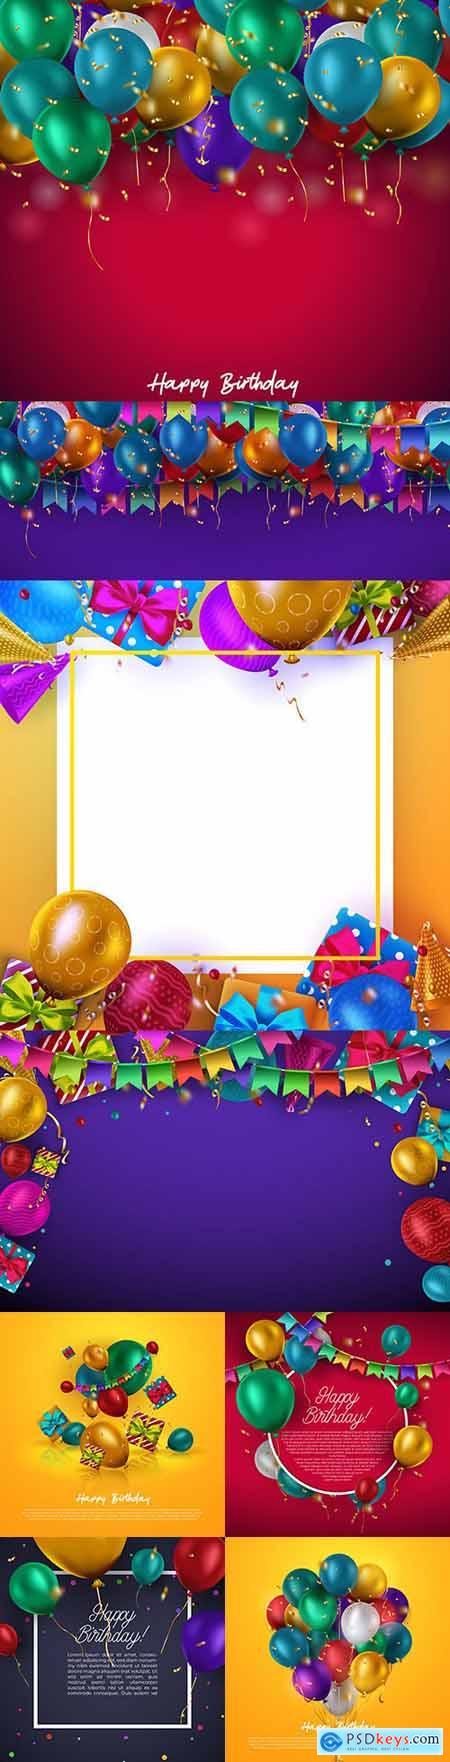 Happy birthday holiday invitation realistic balloons 16